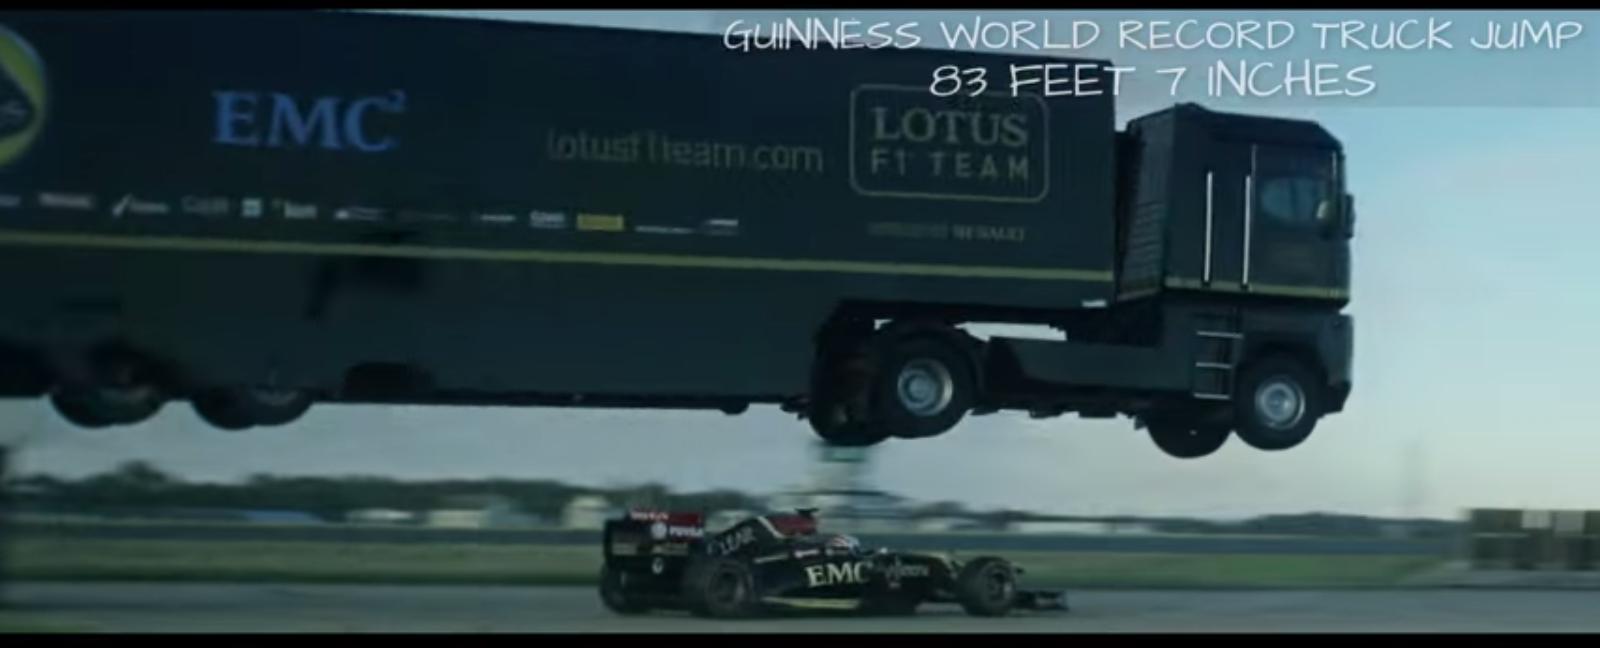 Camion salta macchina di Formula 1